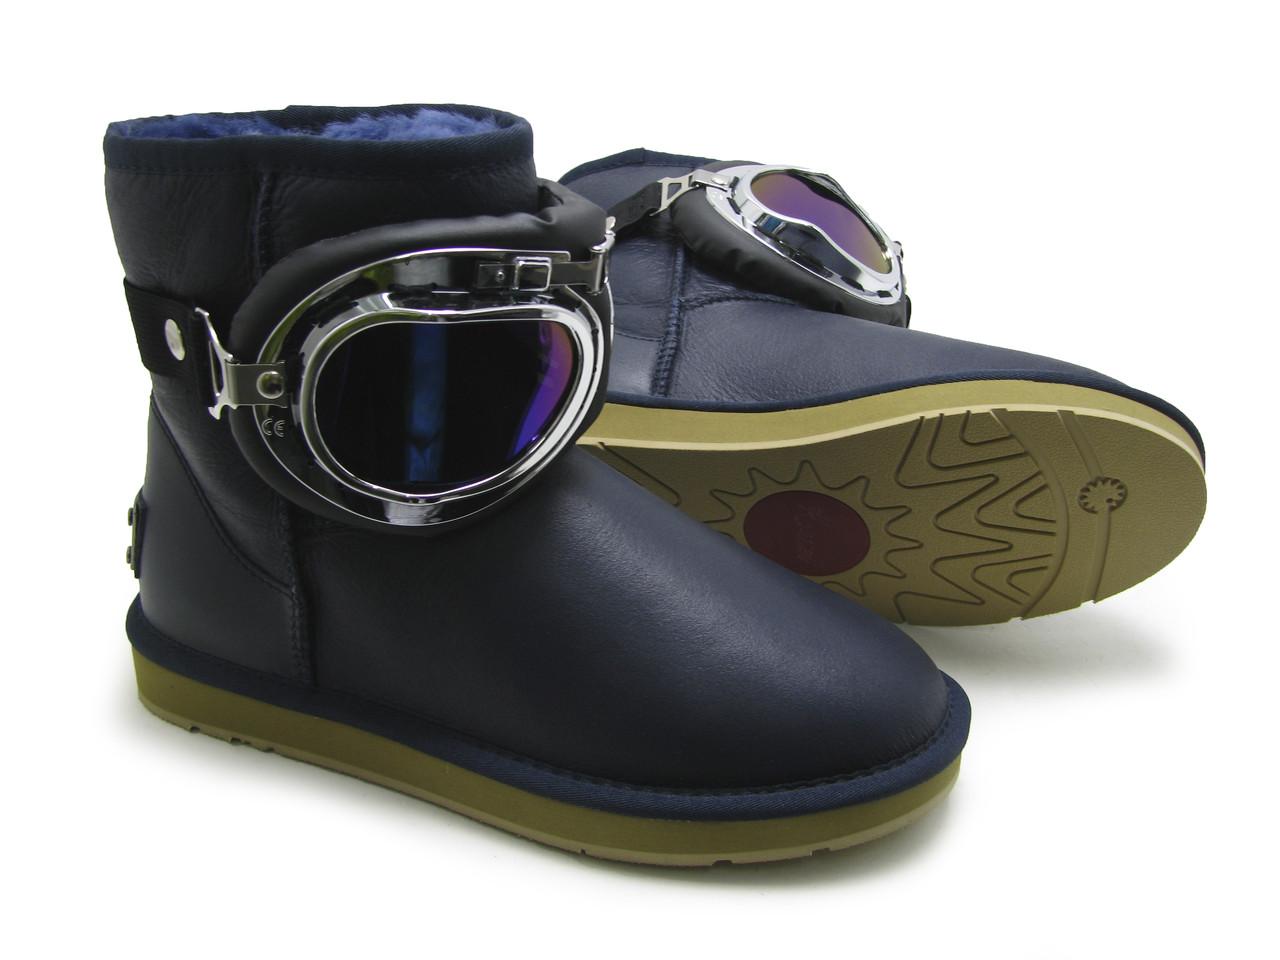 Ботинки зимние женские в стиле KOIEEIER с очками